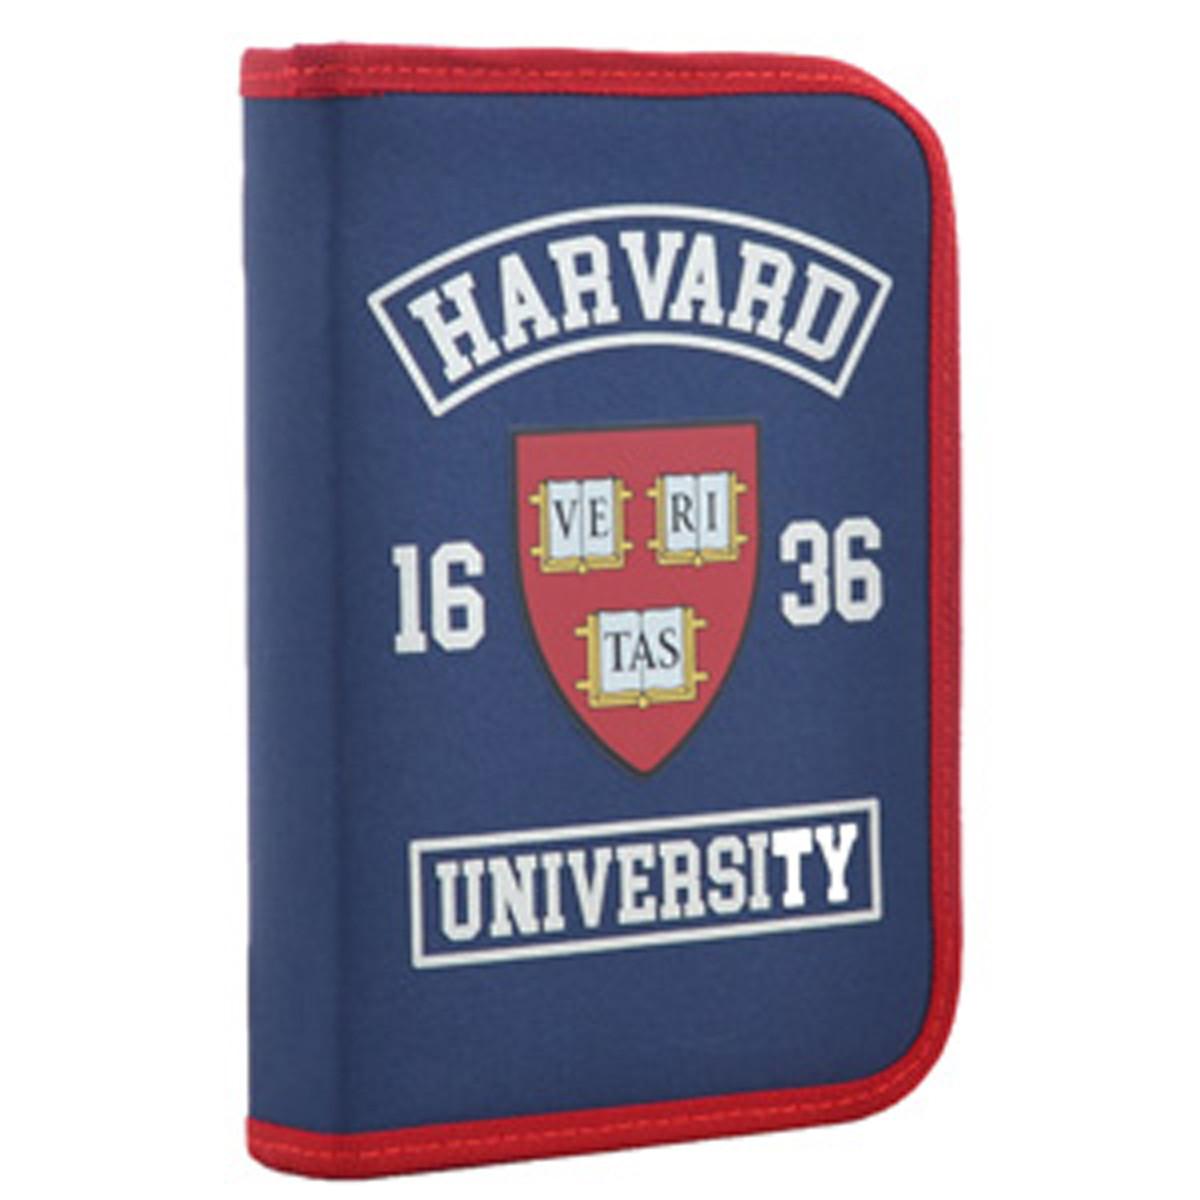 Пенал твердый одинарный без клапана Harvard, 20.5*14*3.2